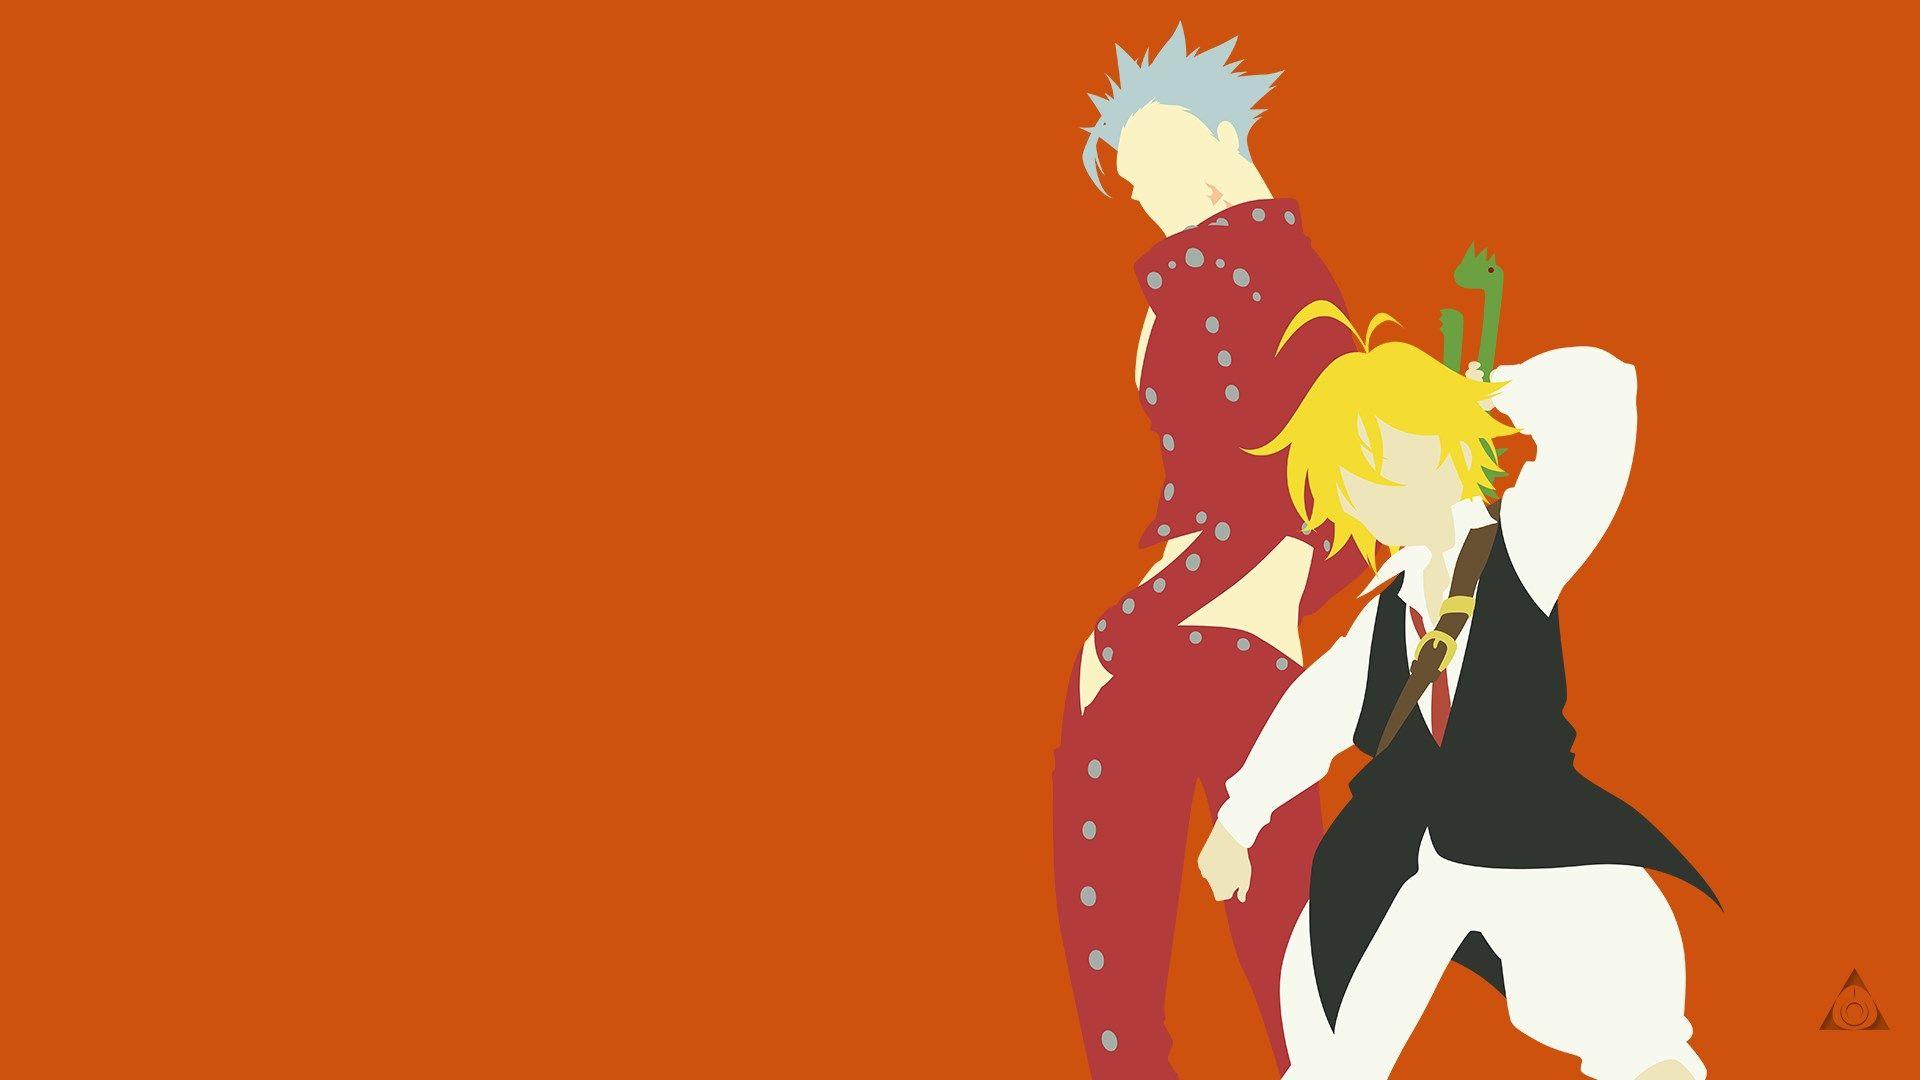 The Seven Deadly Sins Free Hd Widescreen Nanatsu Nanatsu No Taizai Manga Meliodas Nanatsu No Taizai